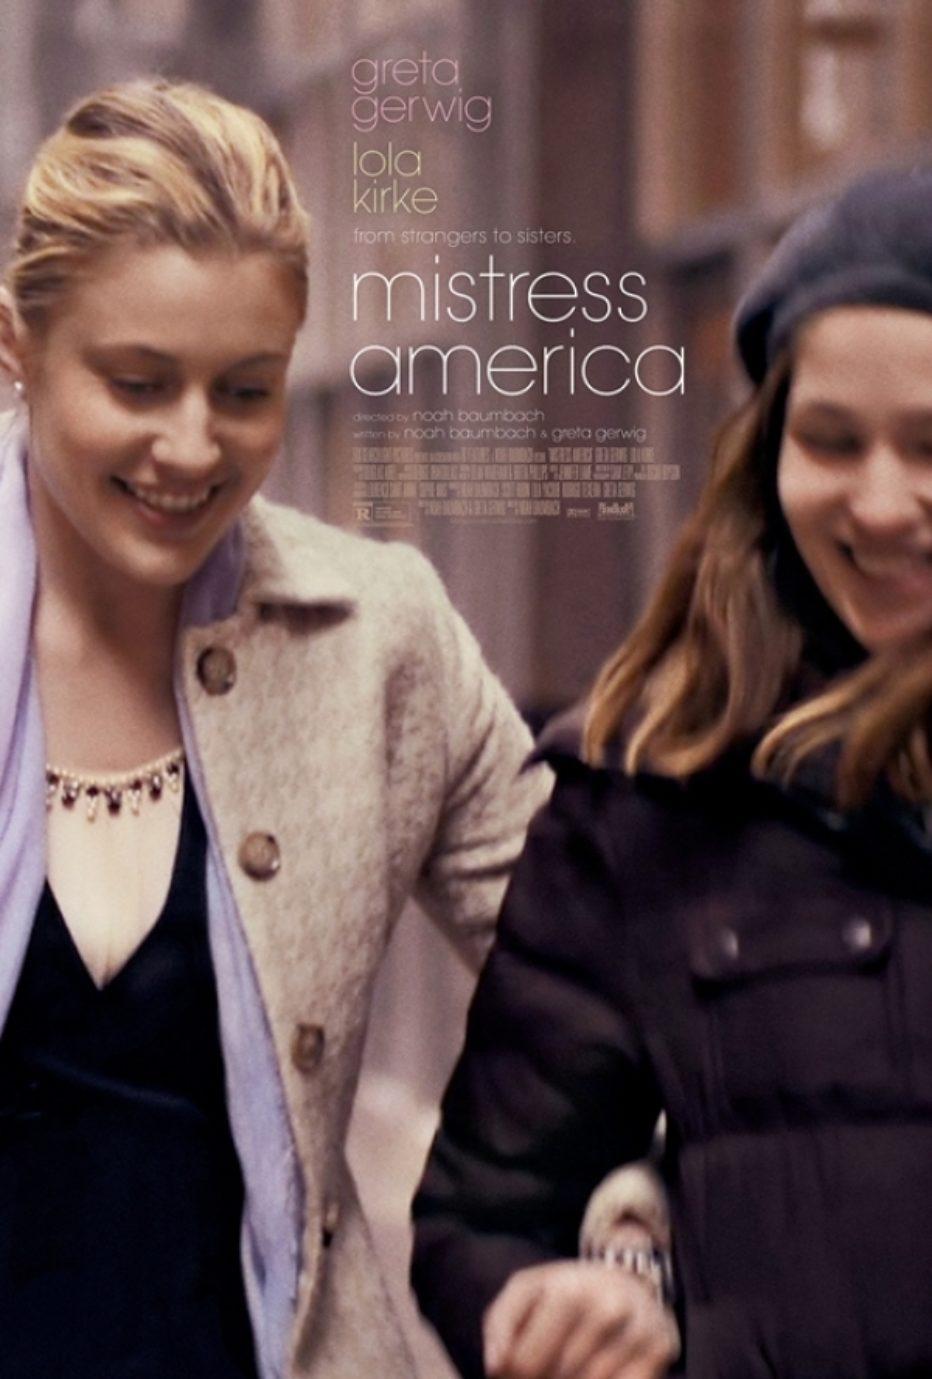 Mistress America: en busca de sentido